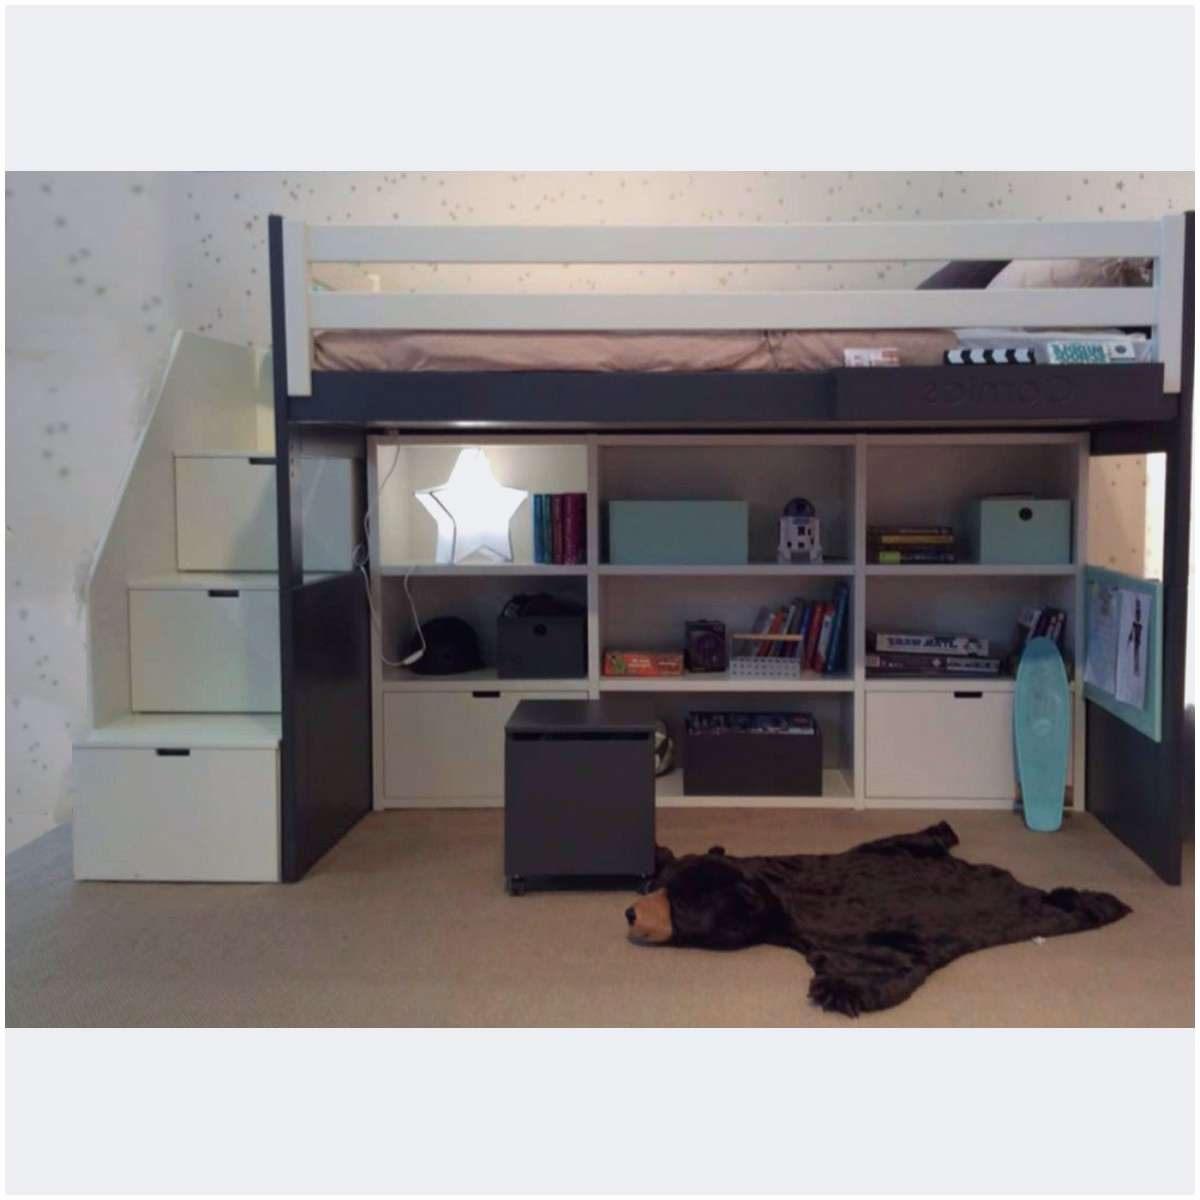 Lit Enfant Mezzanine Avec Bureau Frais Impressionnant 26 Frais Lit Mezzanine Escalier Bureau 17o Pour